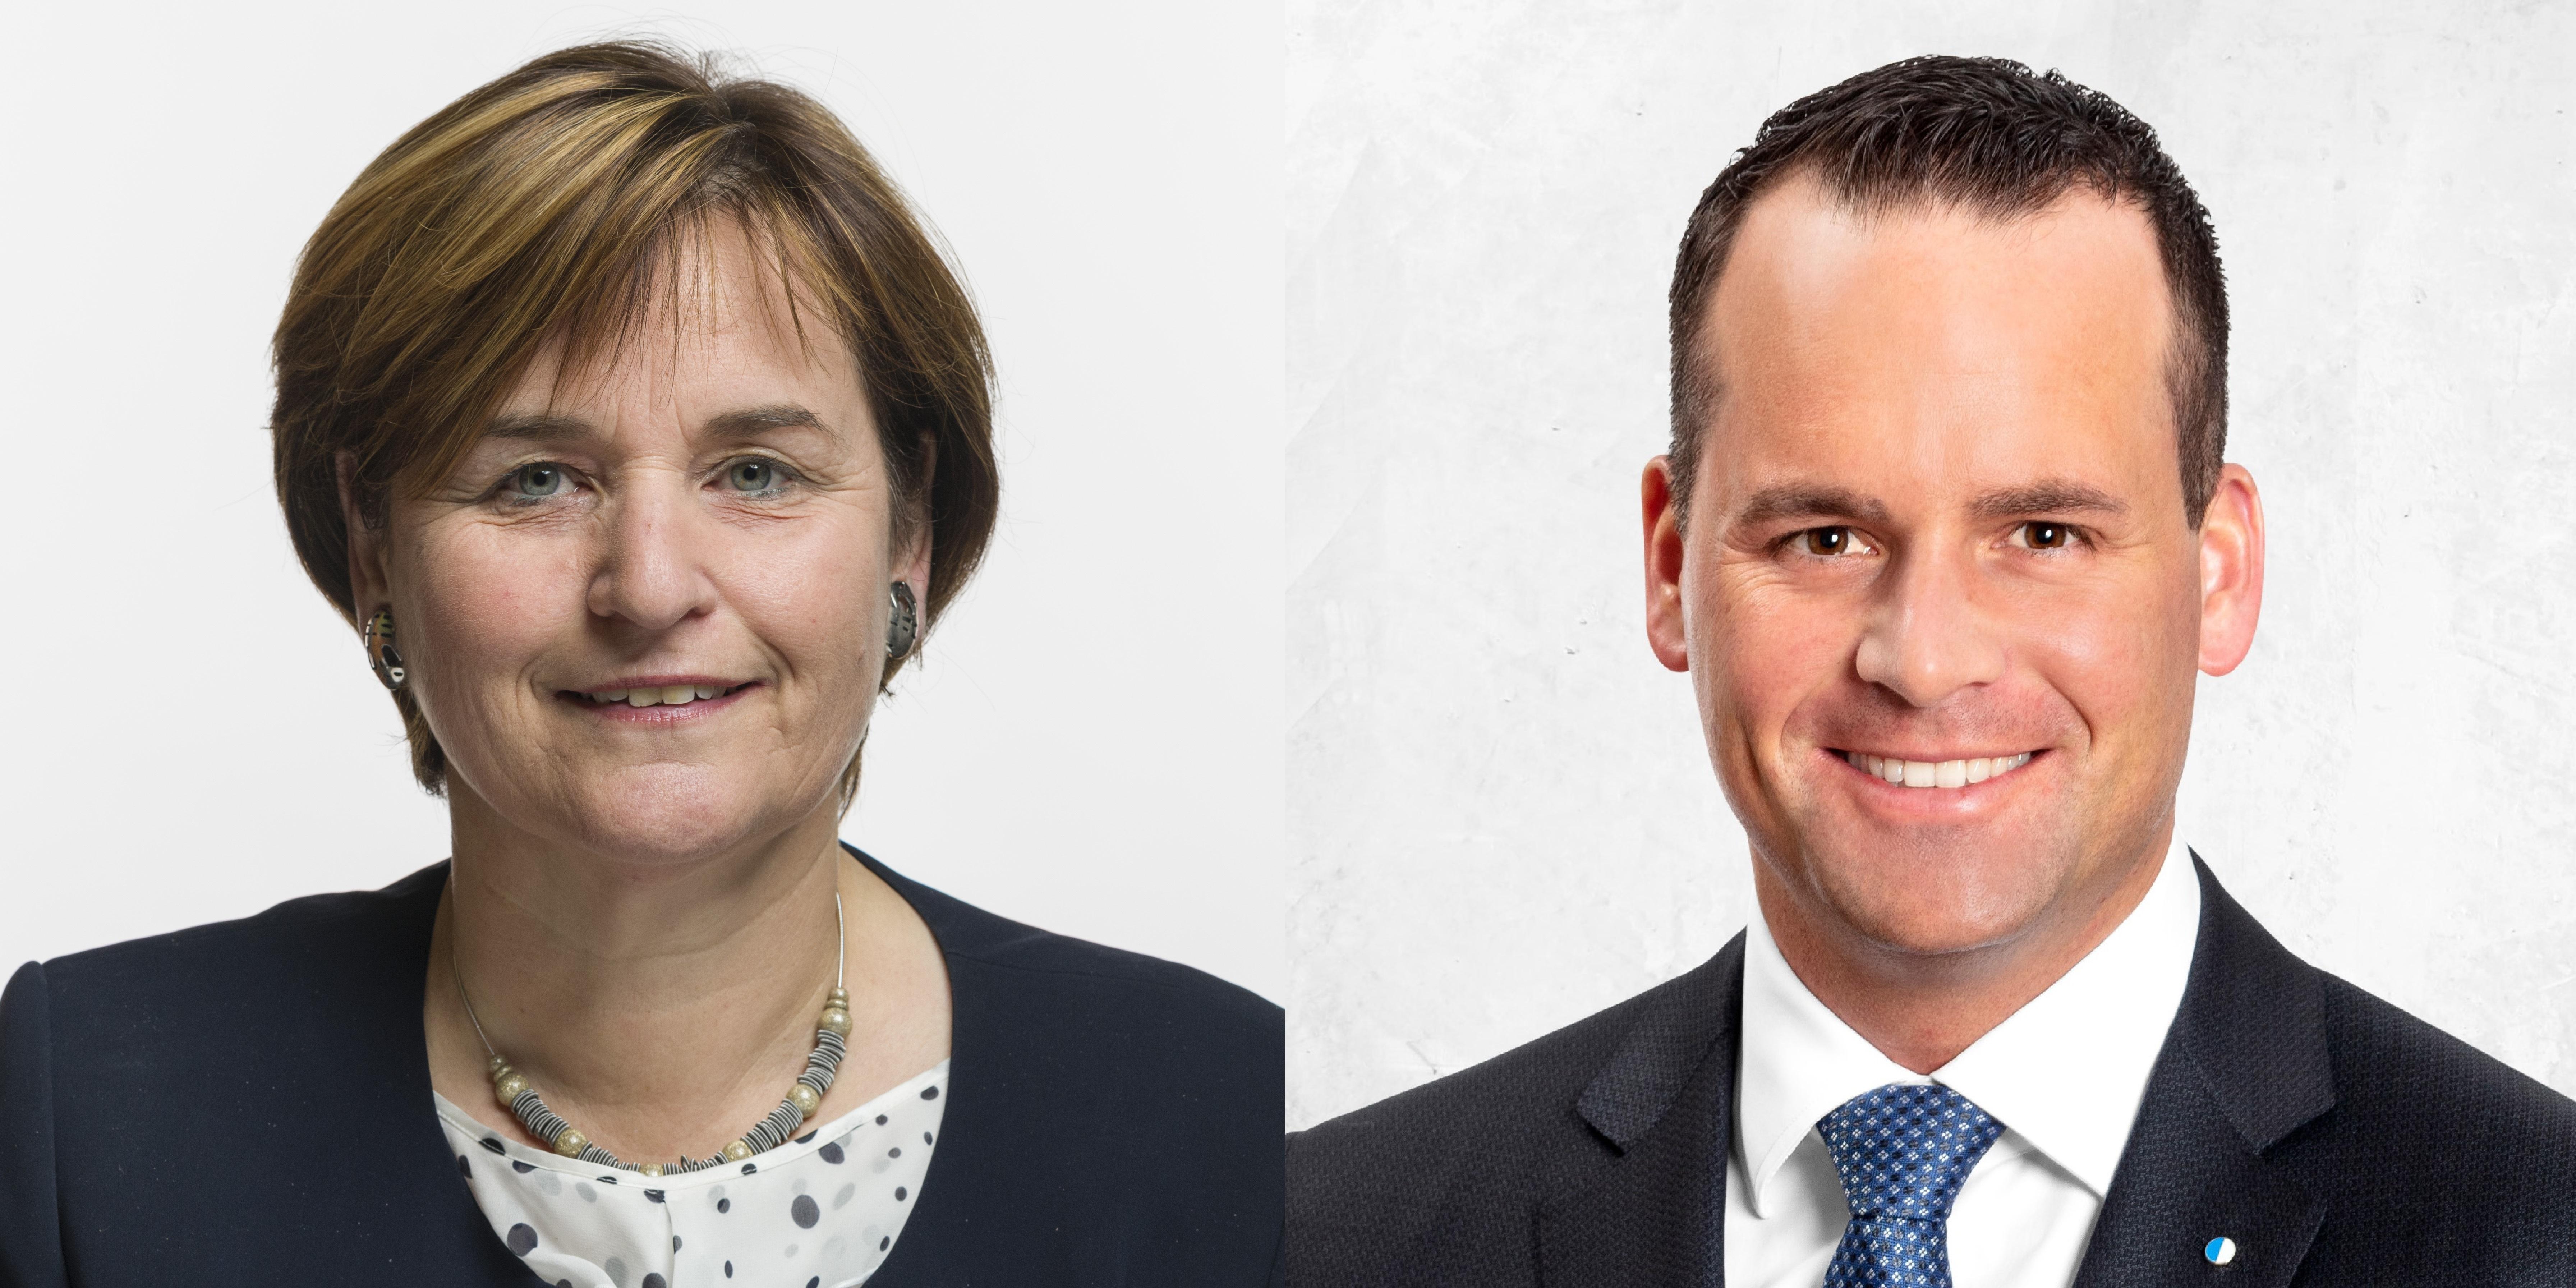 Es diskutieren die Ständeräte Damian Müller (FDP) und Marina Carobbio (SP).